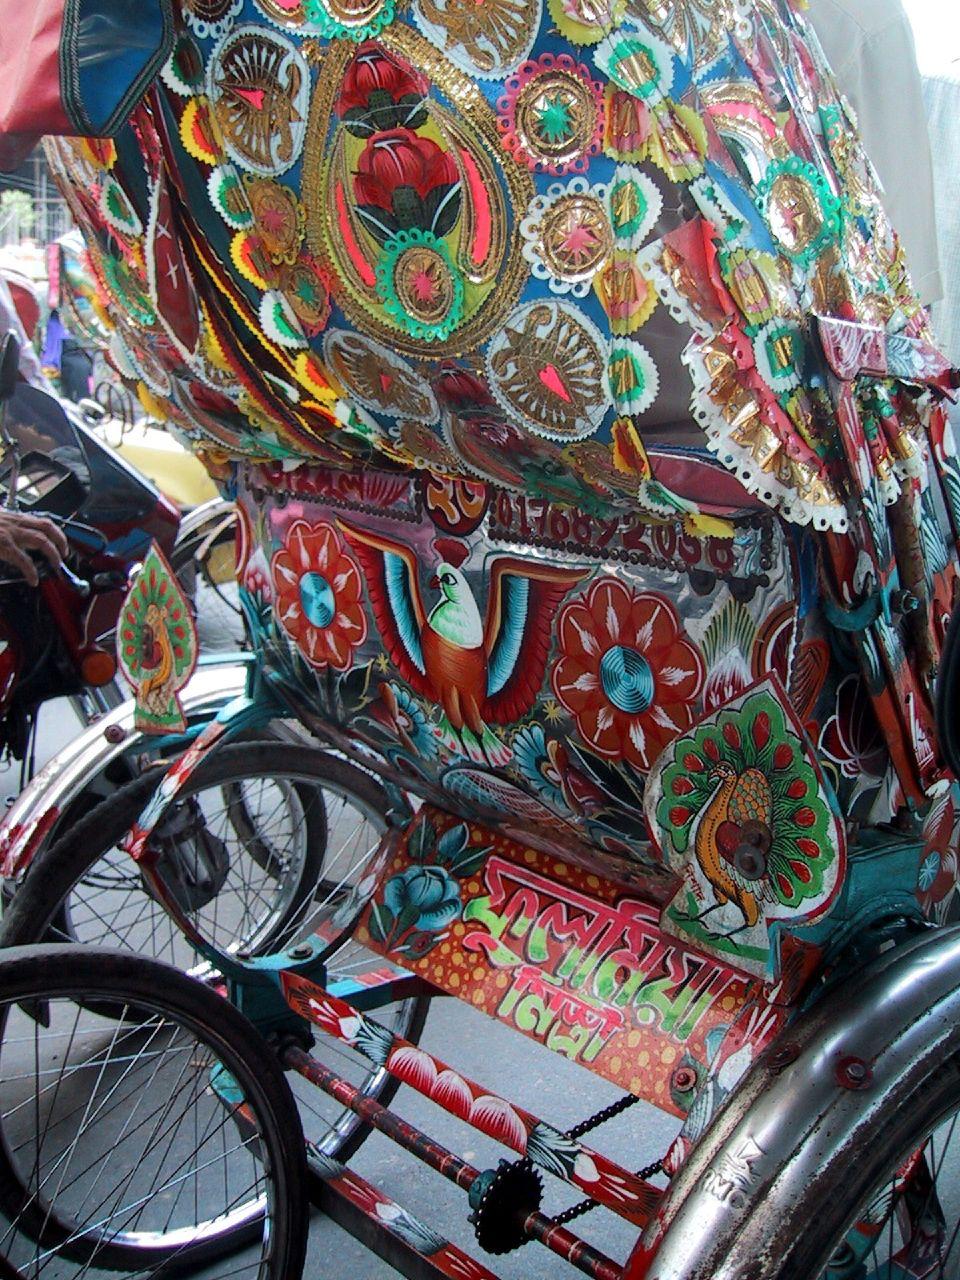 Rickshaw Art In Bangladesh Wikipedia